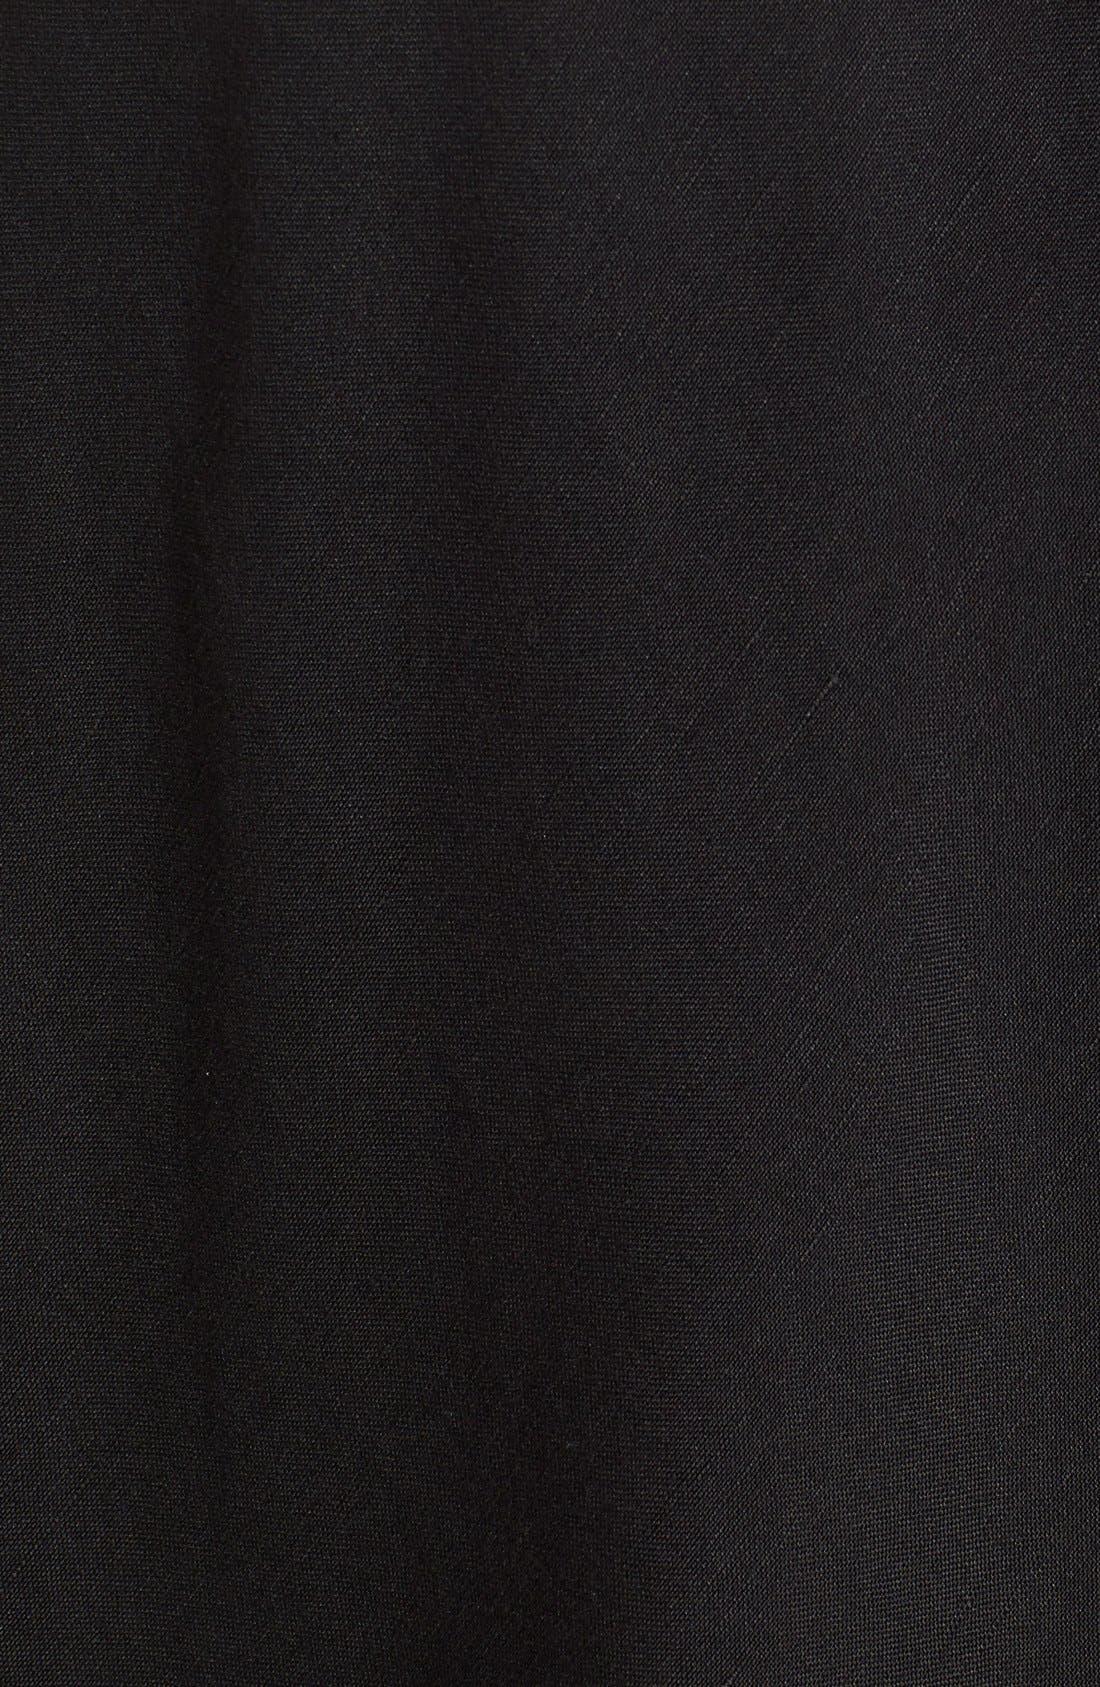 Summer Fling Linen Blend Skirt,                             Alternate thumbnail 5, color,                             BLACK ONYX